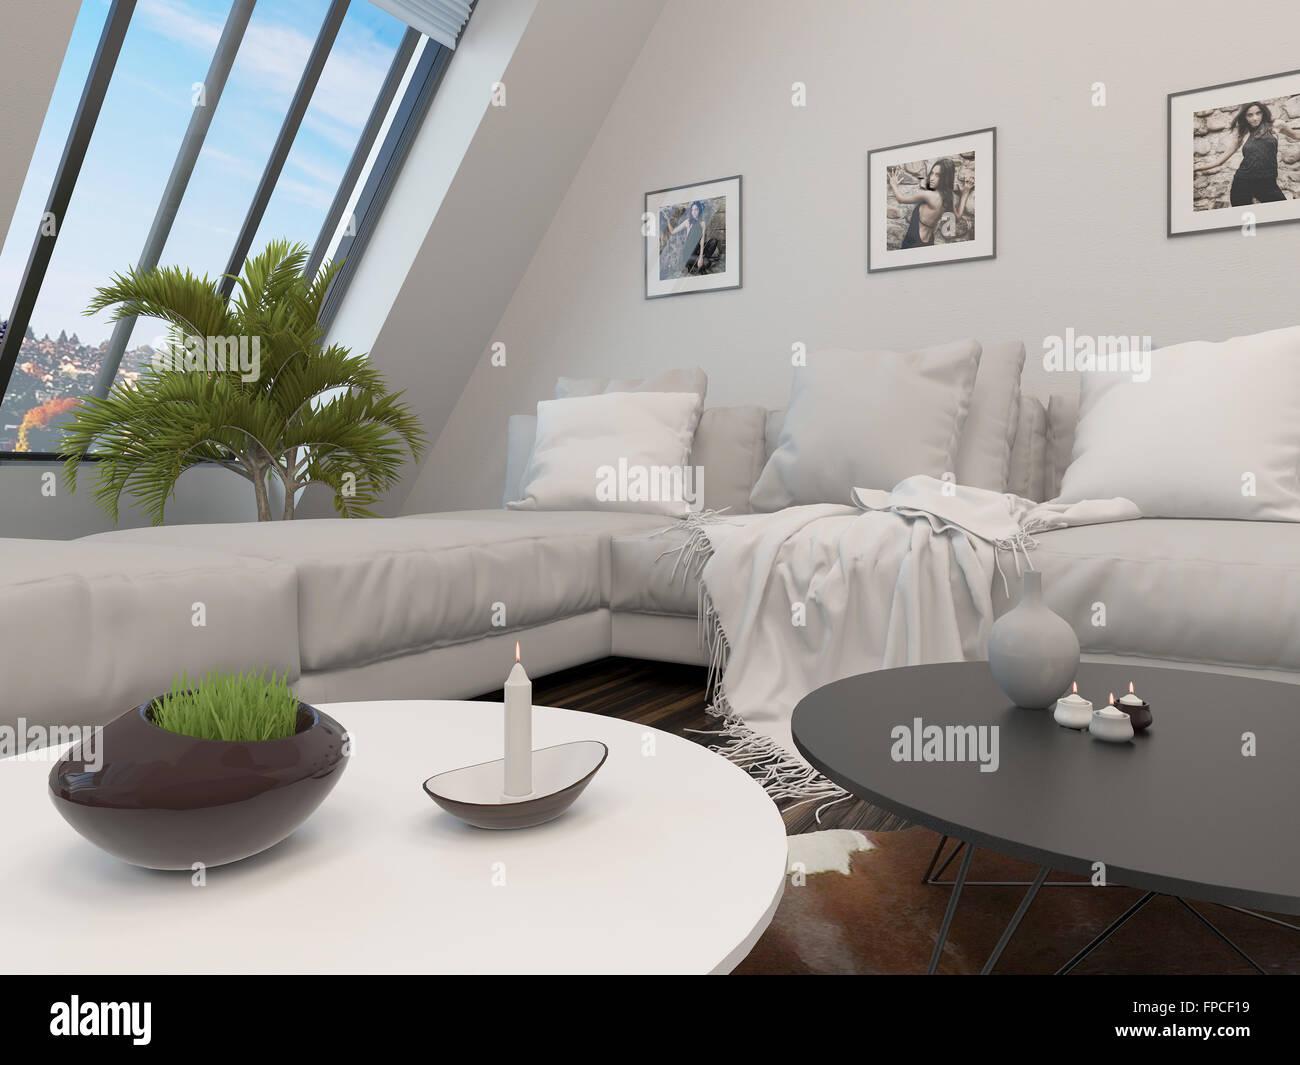 Moderne Wohnzimmer Interieur mit einer Ecksuite Leder, niedrigen ...